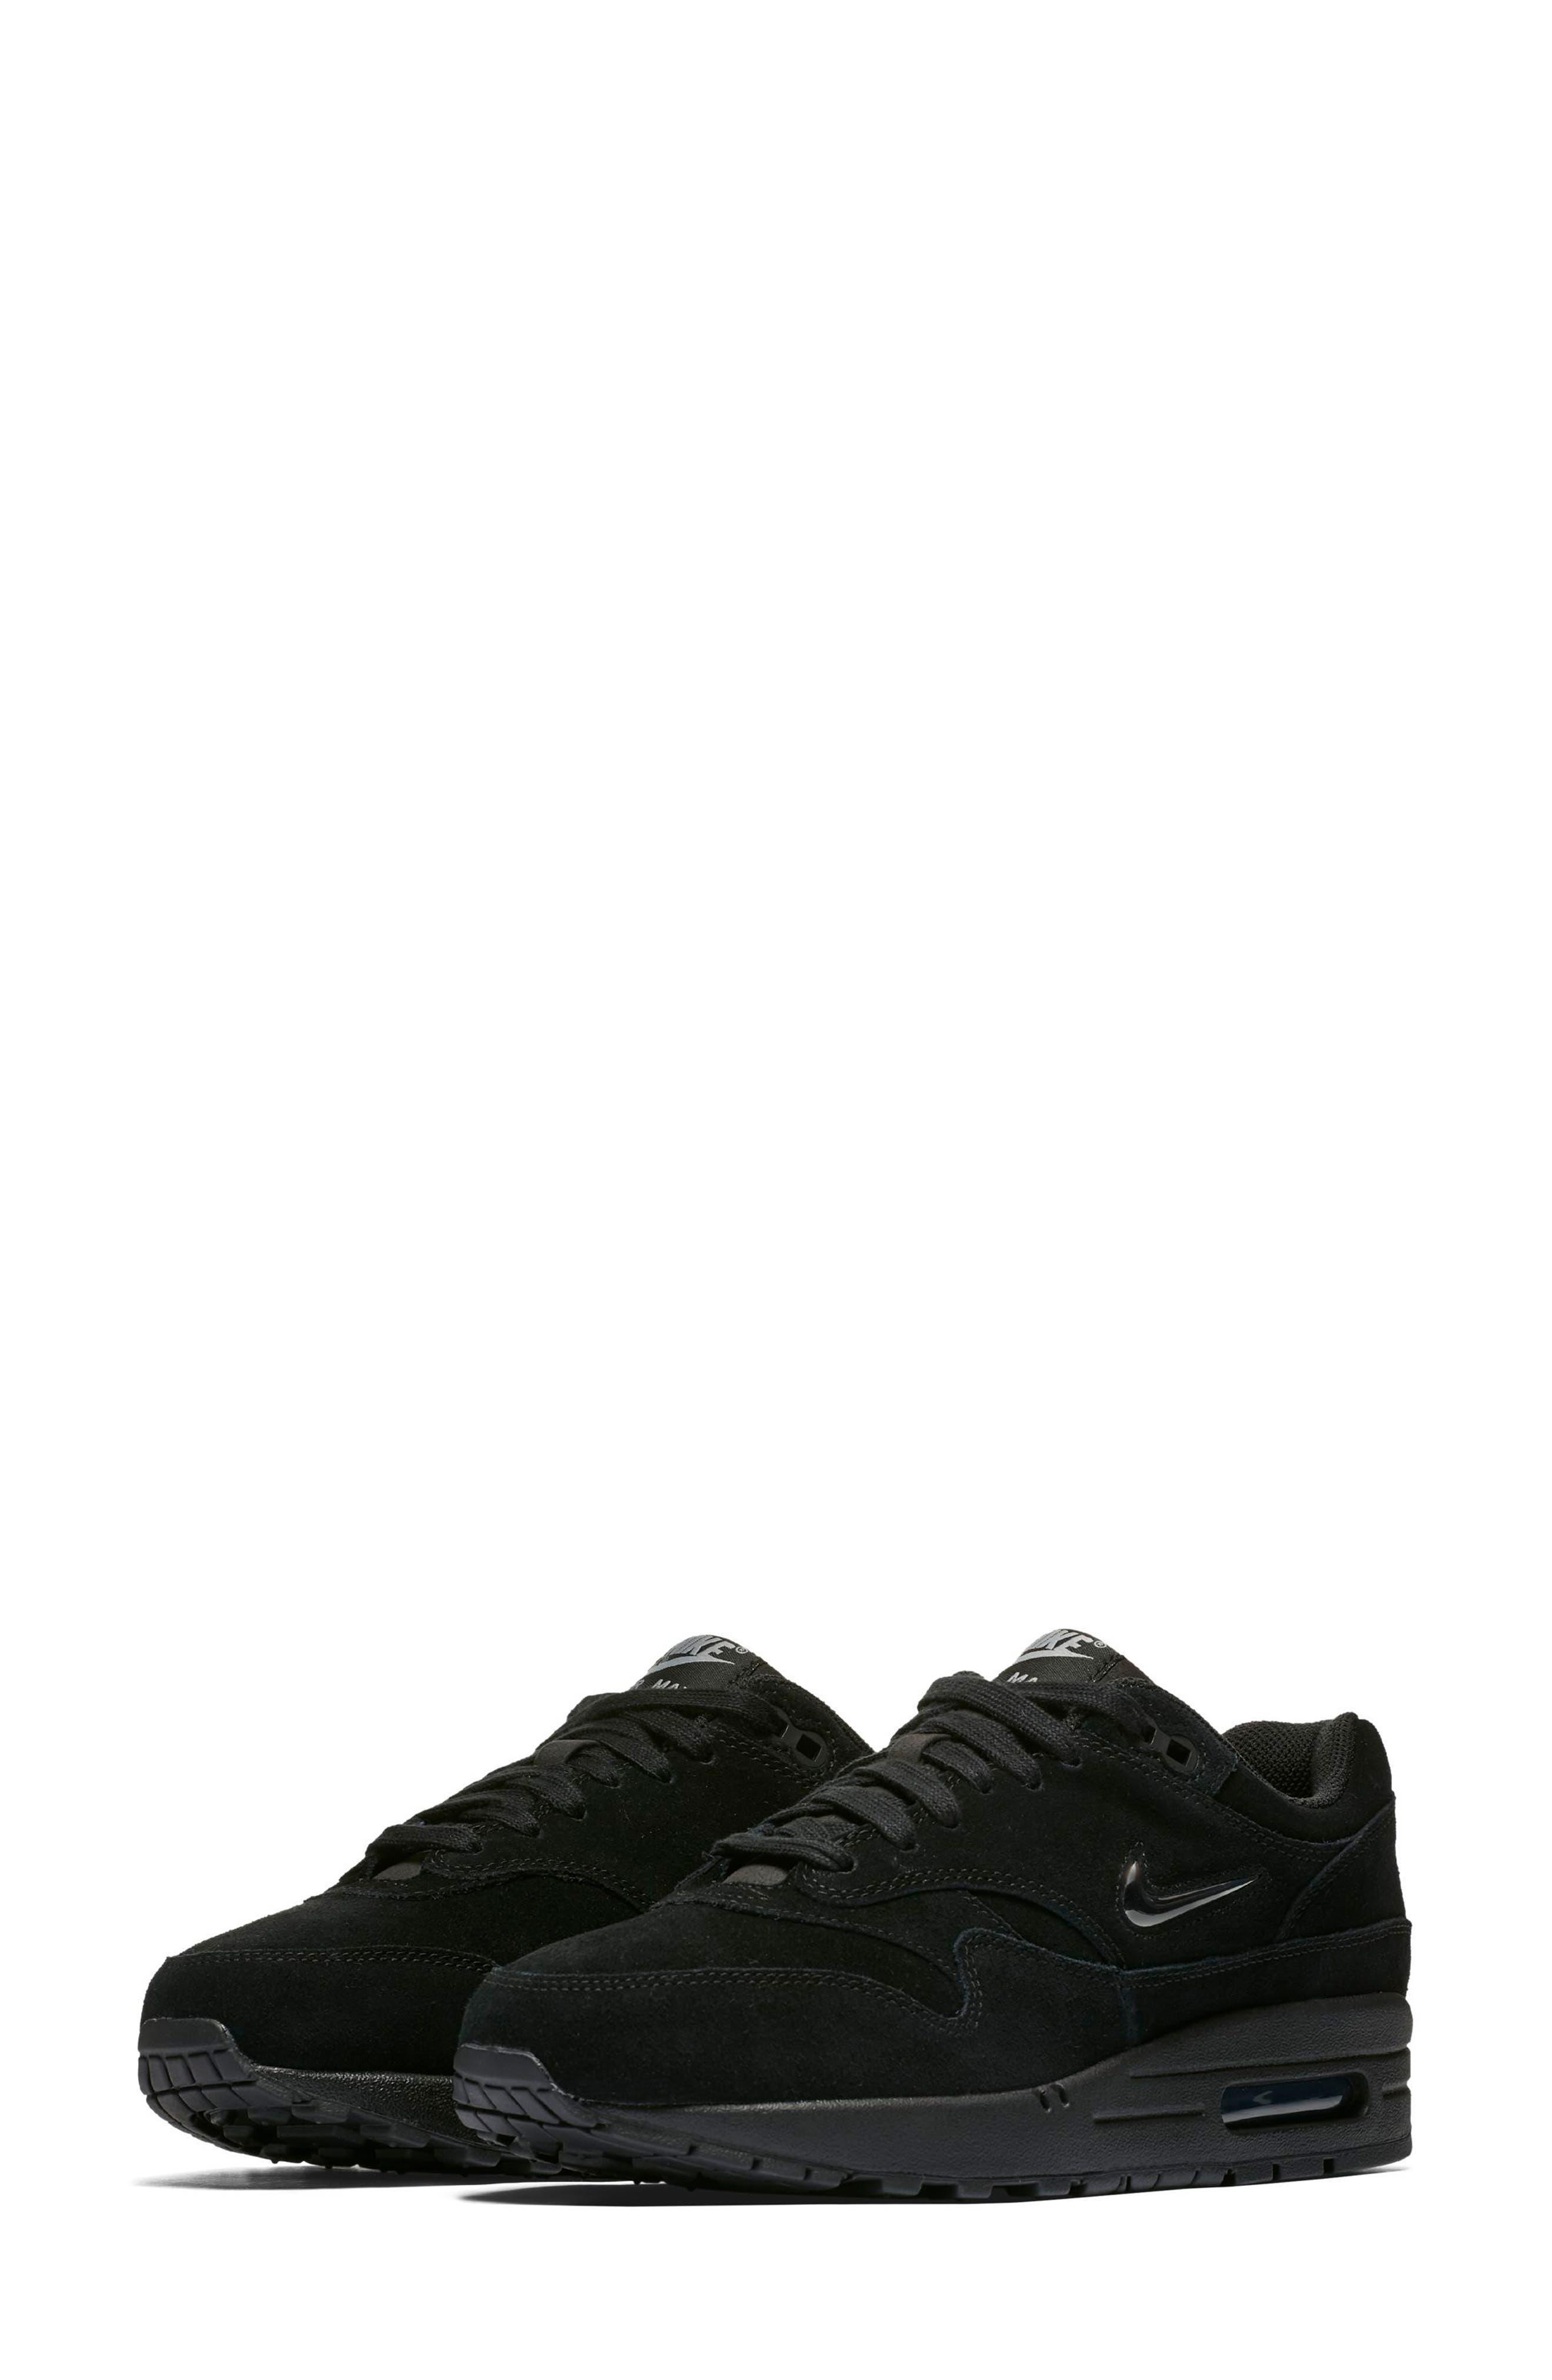 Air Max 1 Premium SC Sneaker,                         Main,                         color, 001